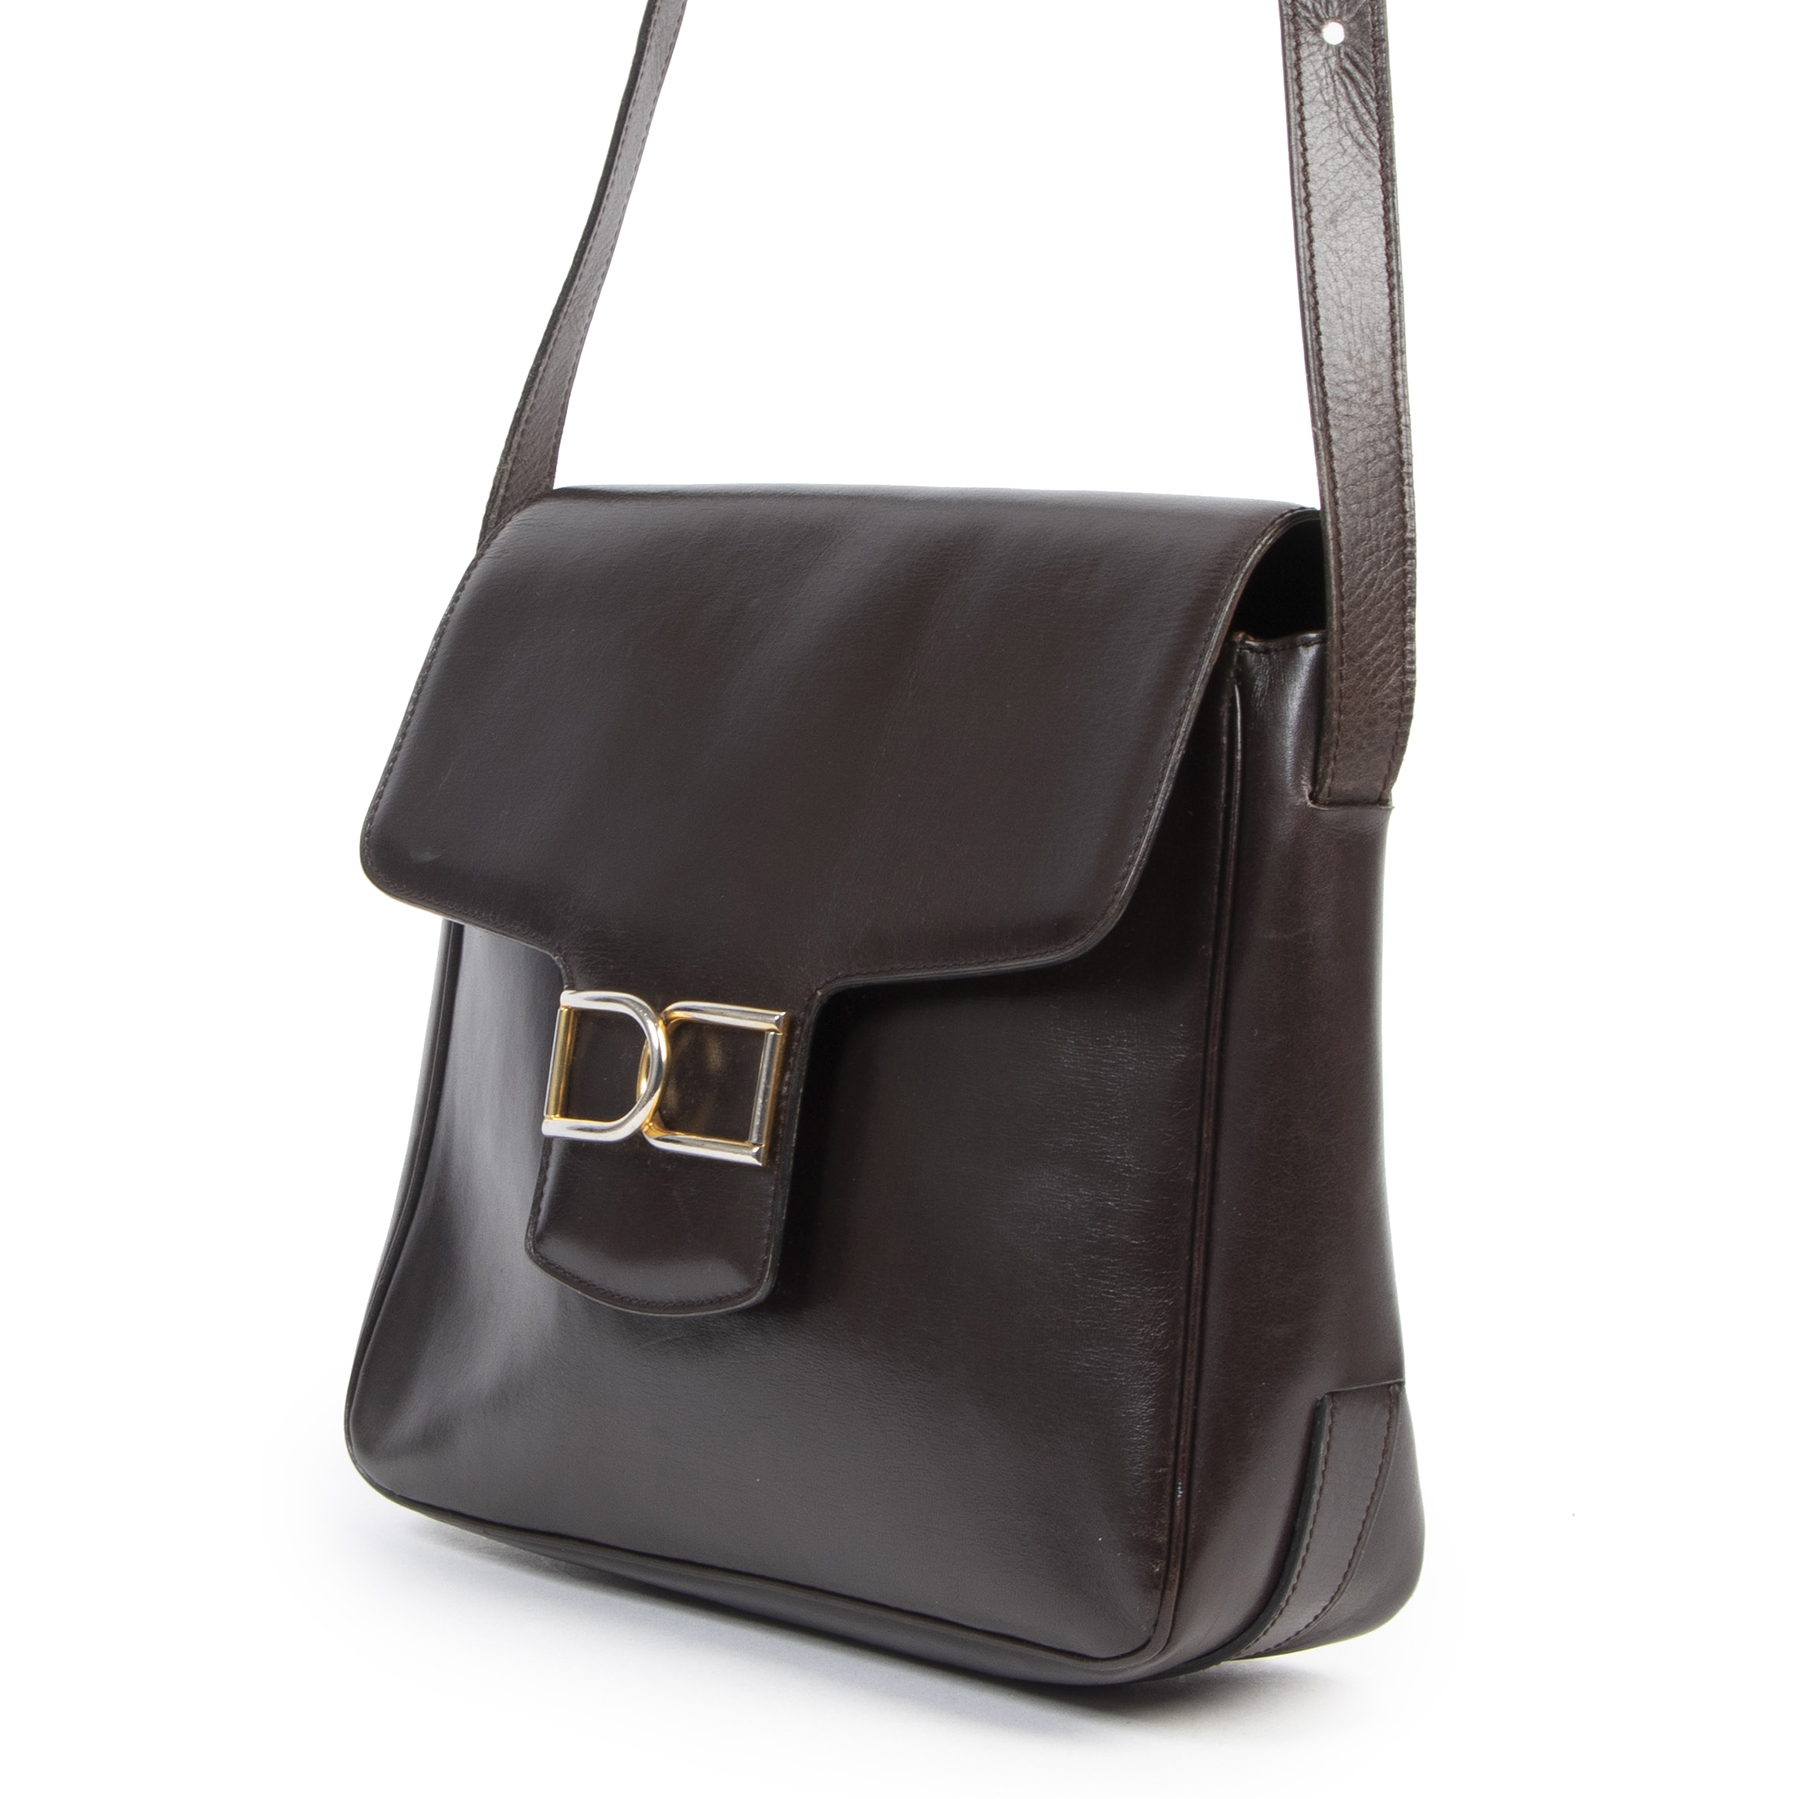 Delvaux Brown Smooth Leather Box Bag pour le meilleur prix